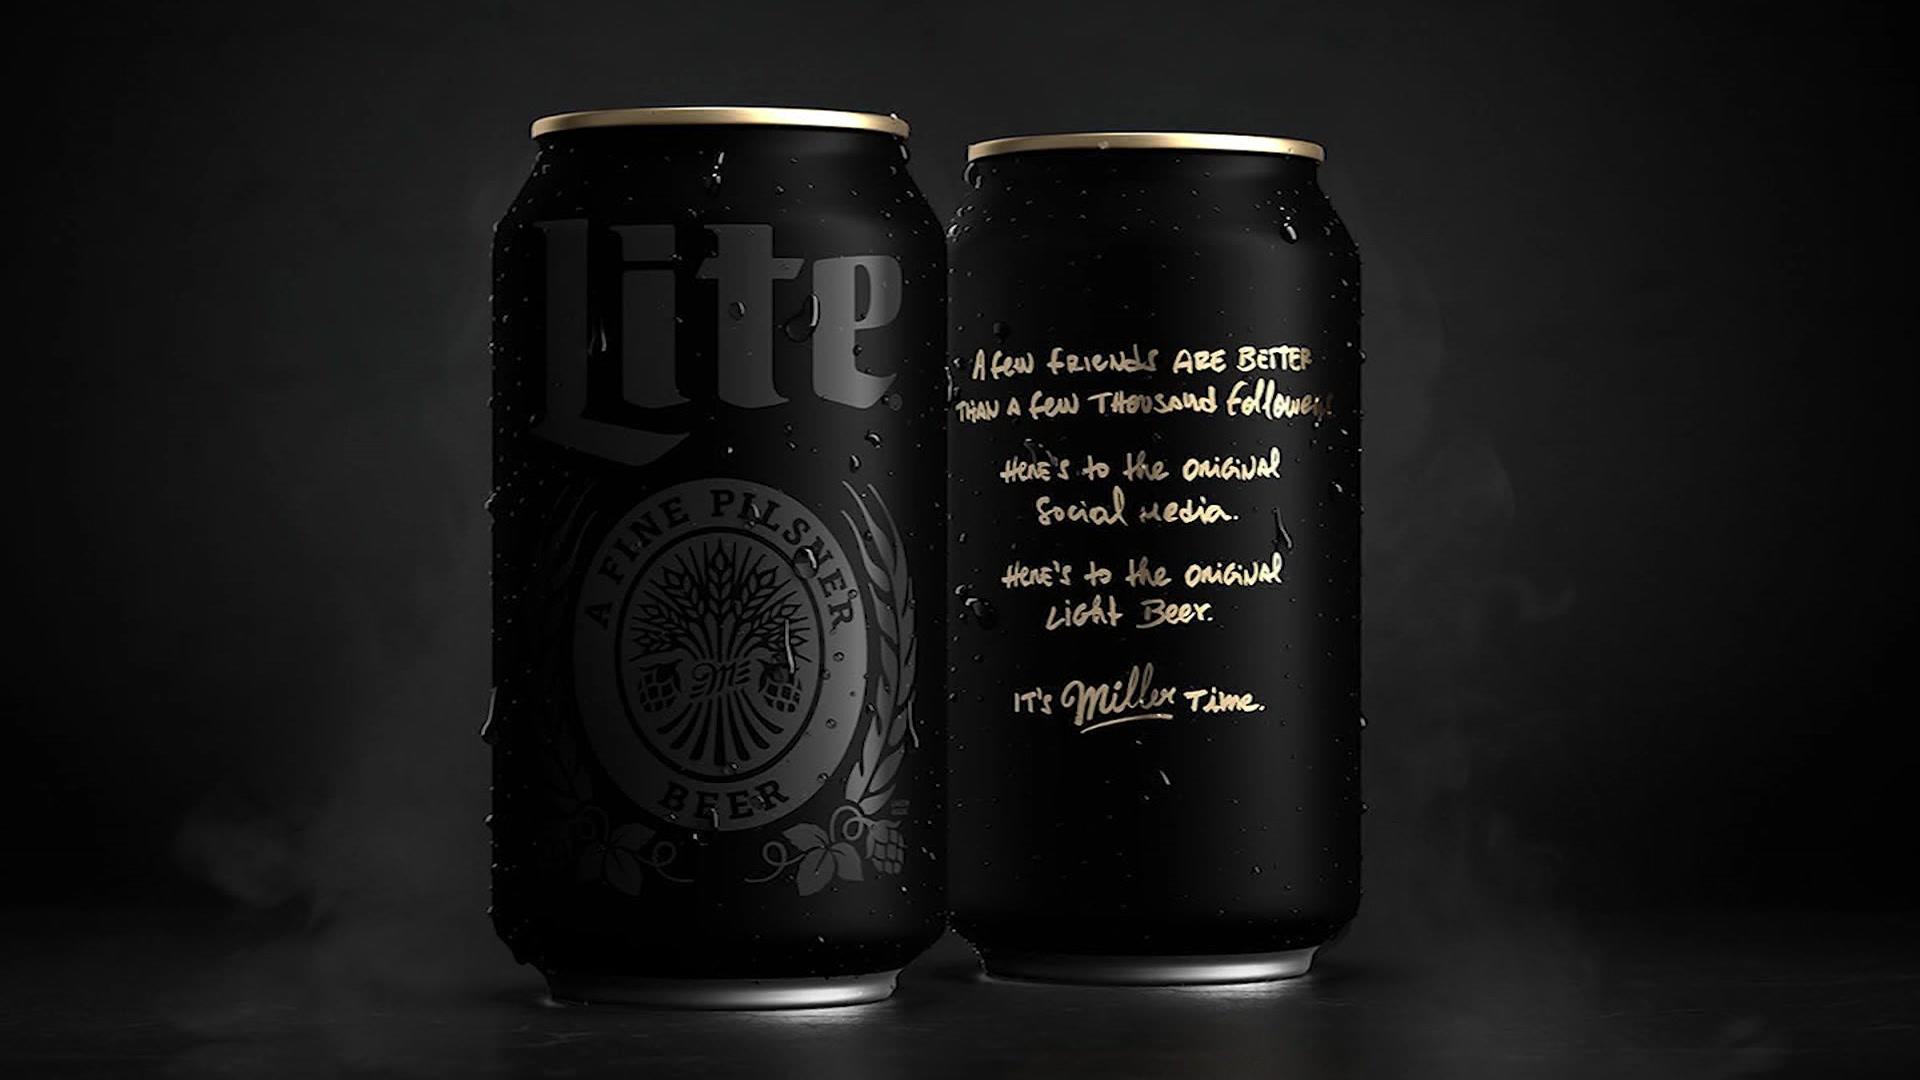 New Miller Lite cans promote 'offline